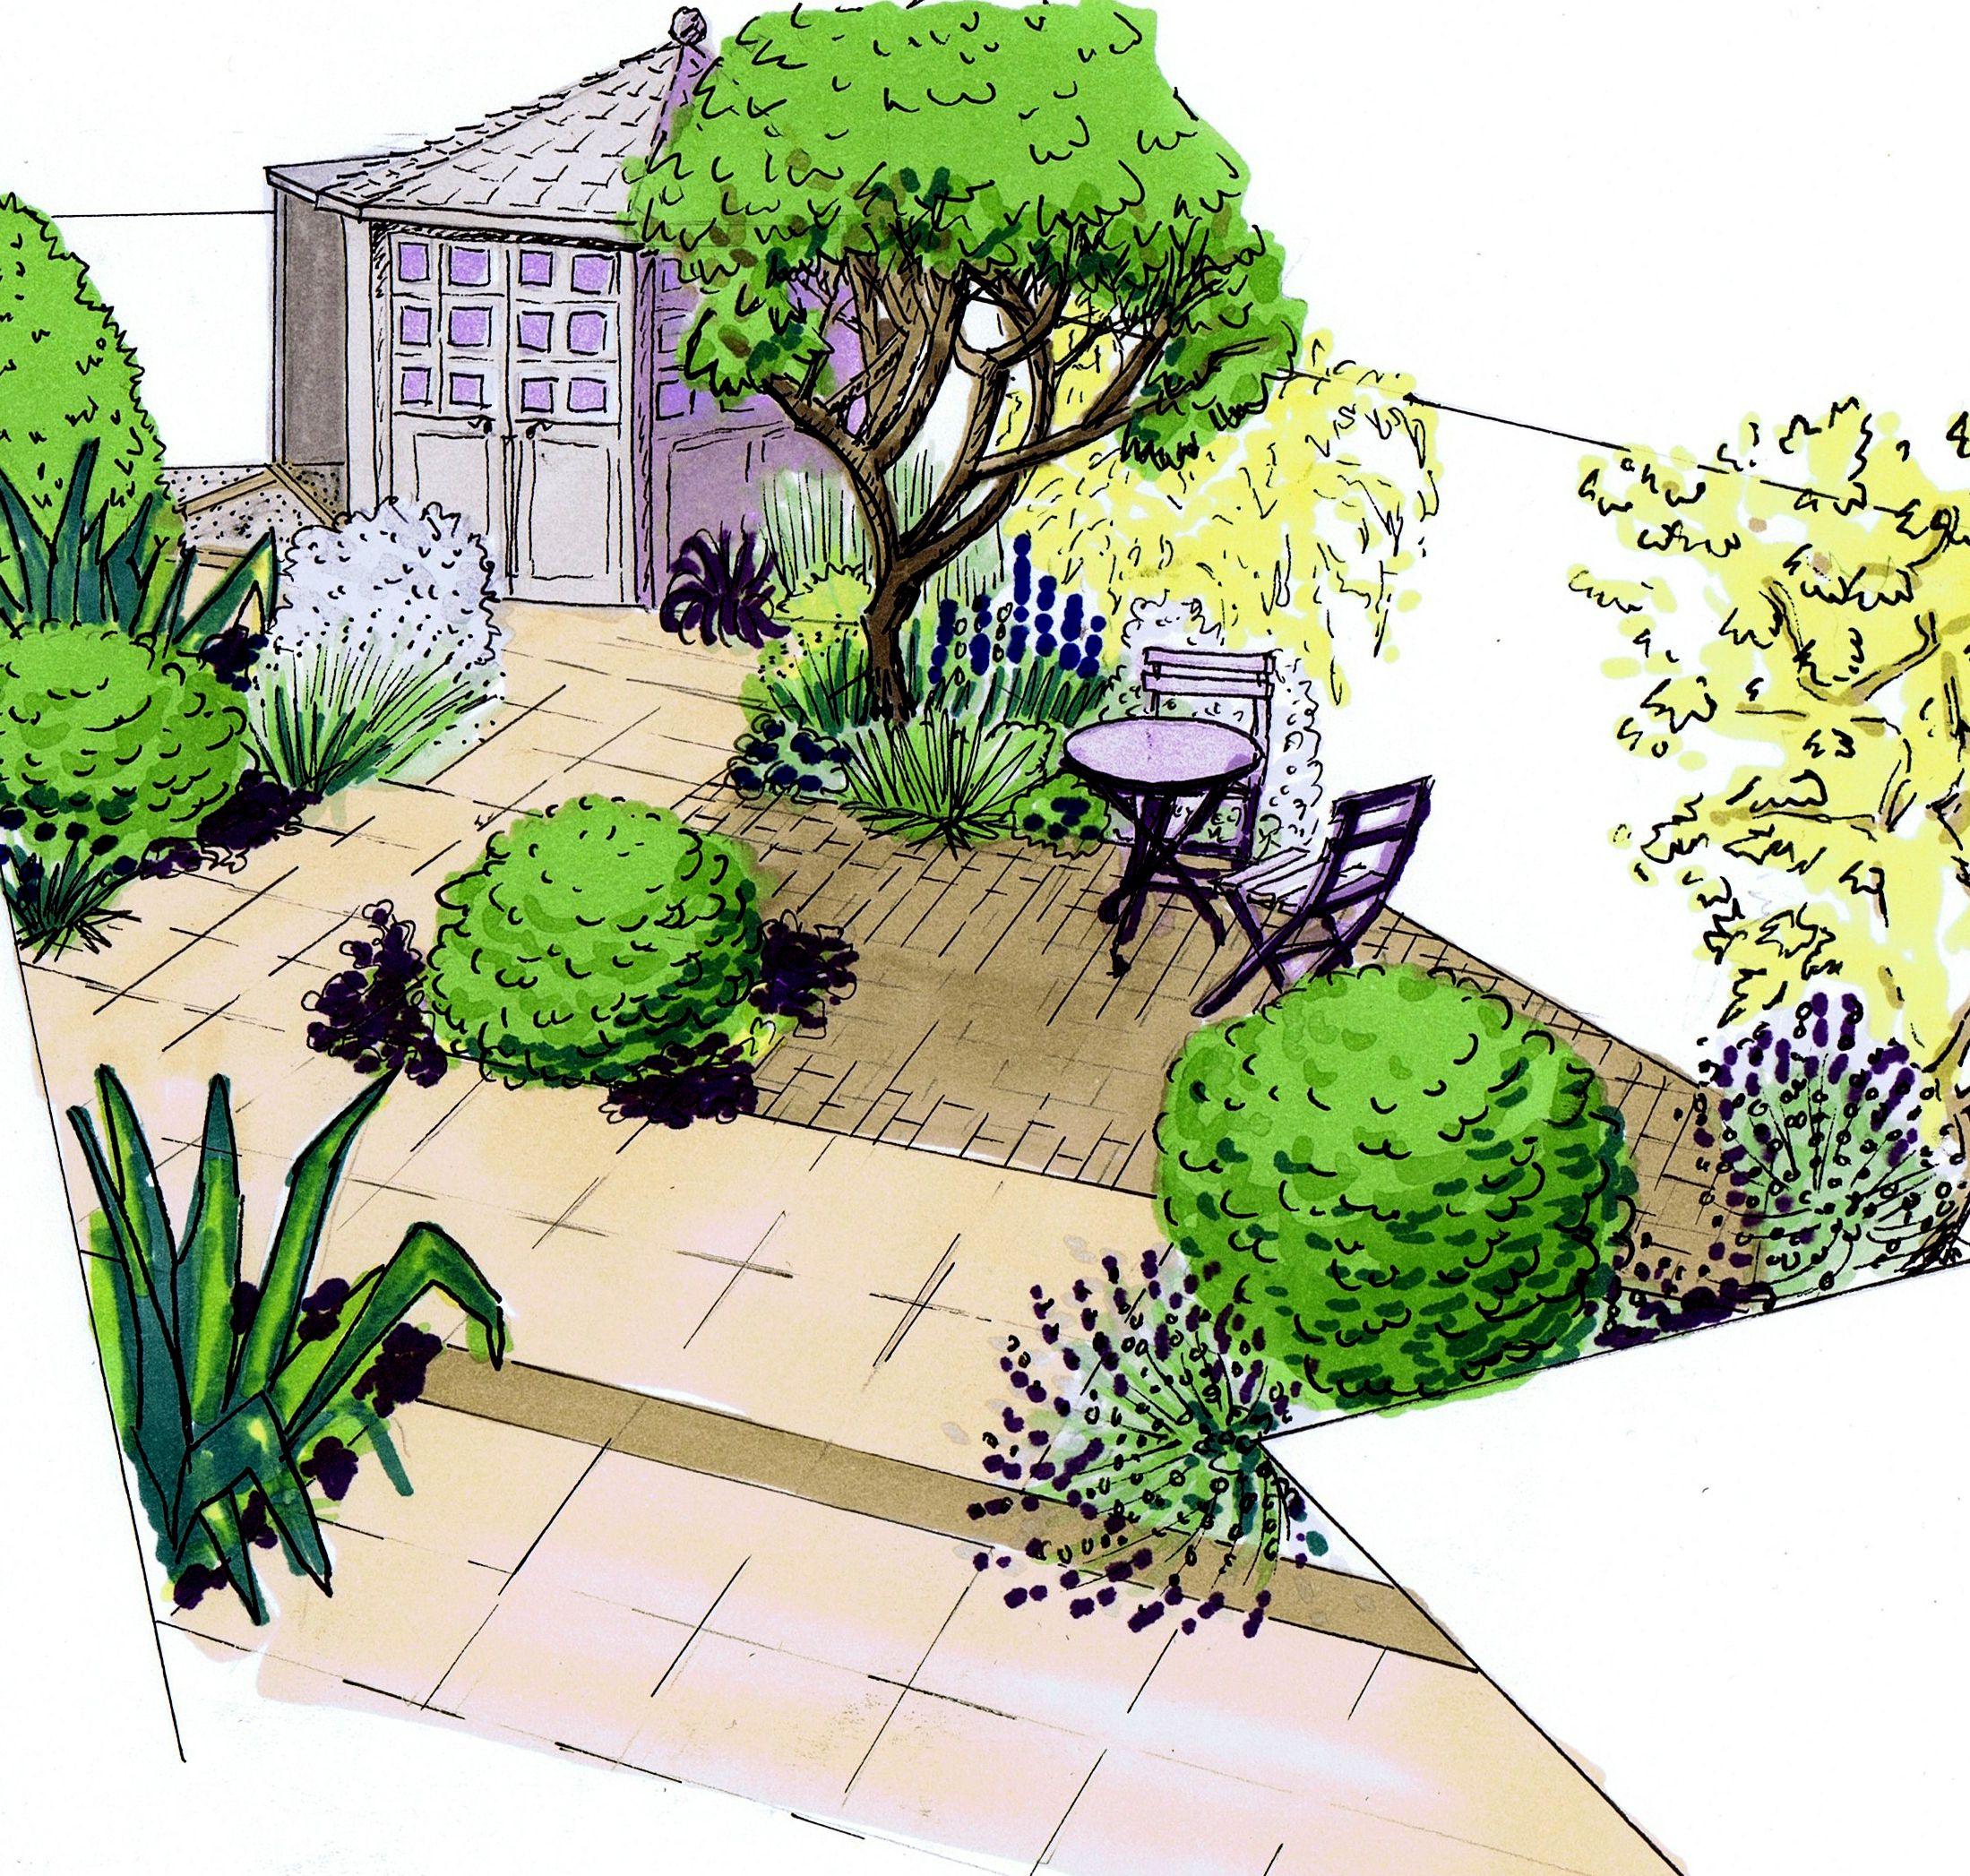 Design For A Small Town Garden Garden Illustration 400 x 300